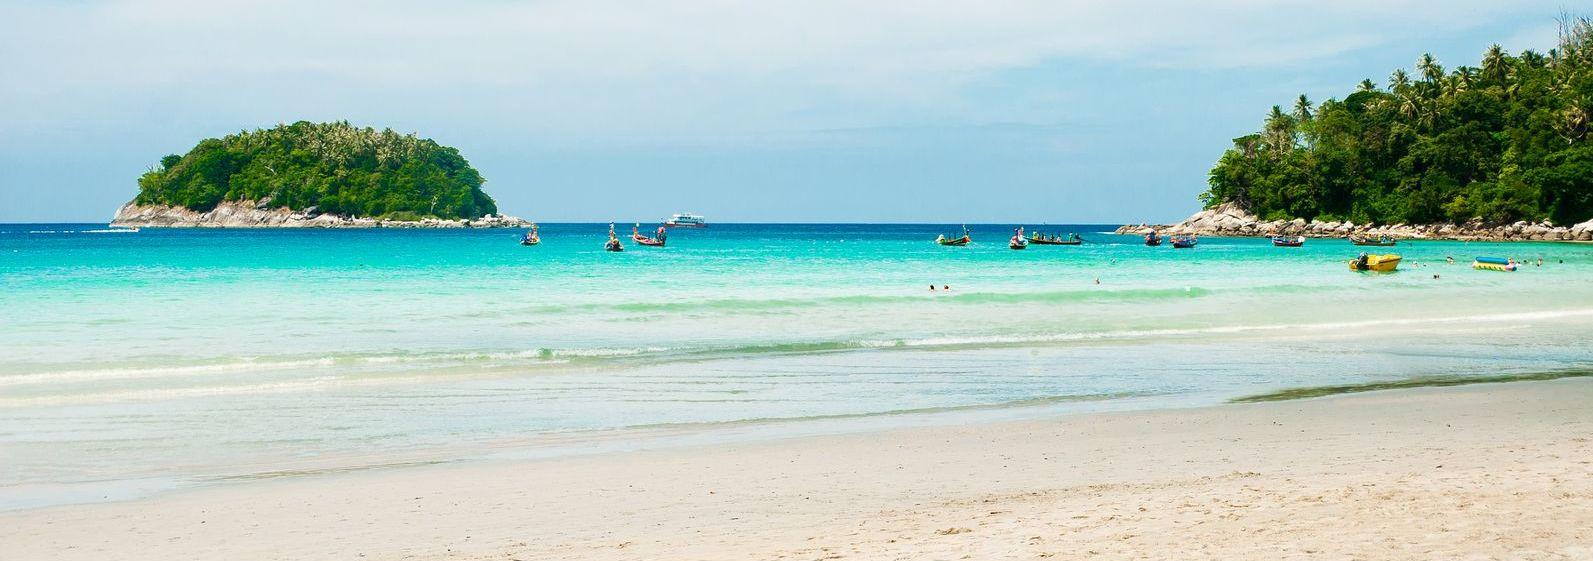 CAPODANNO: TOUR THAILANDIA E SOGGIORNO MARE PHUKET O KAO LAK